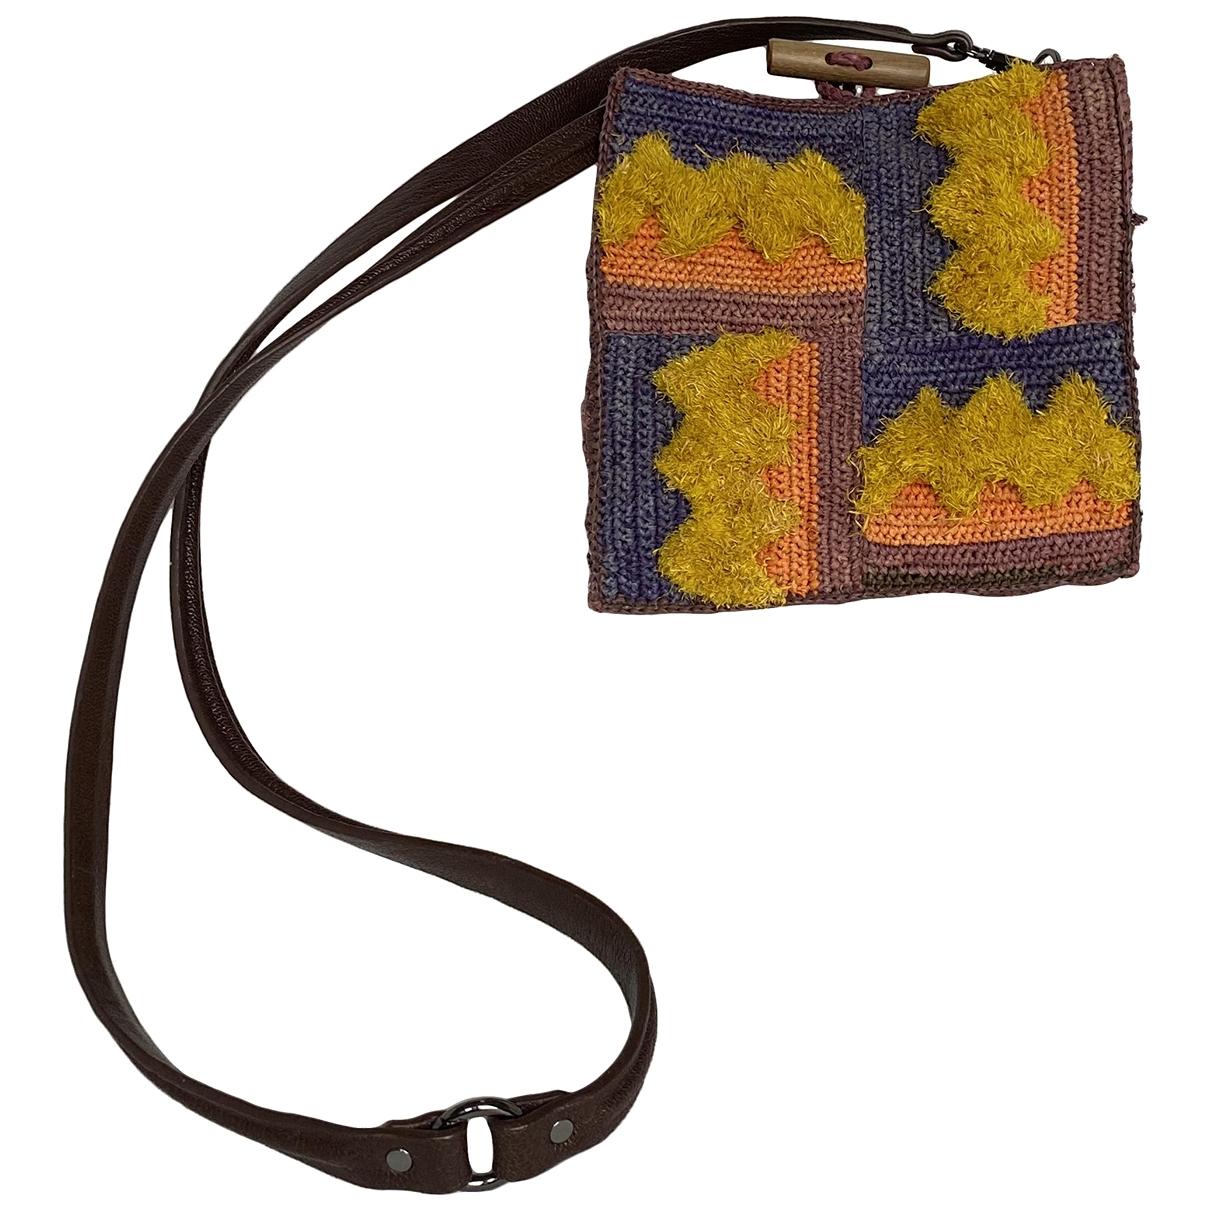 Bolsos clutch en Paja Multicolor Jamin Puech